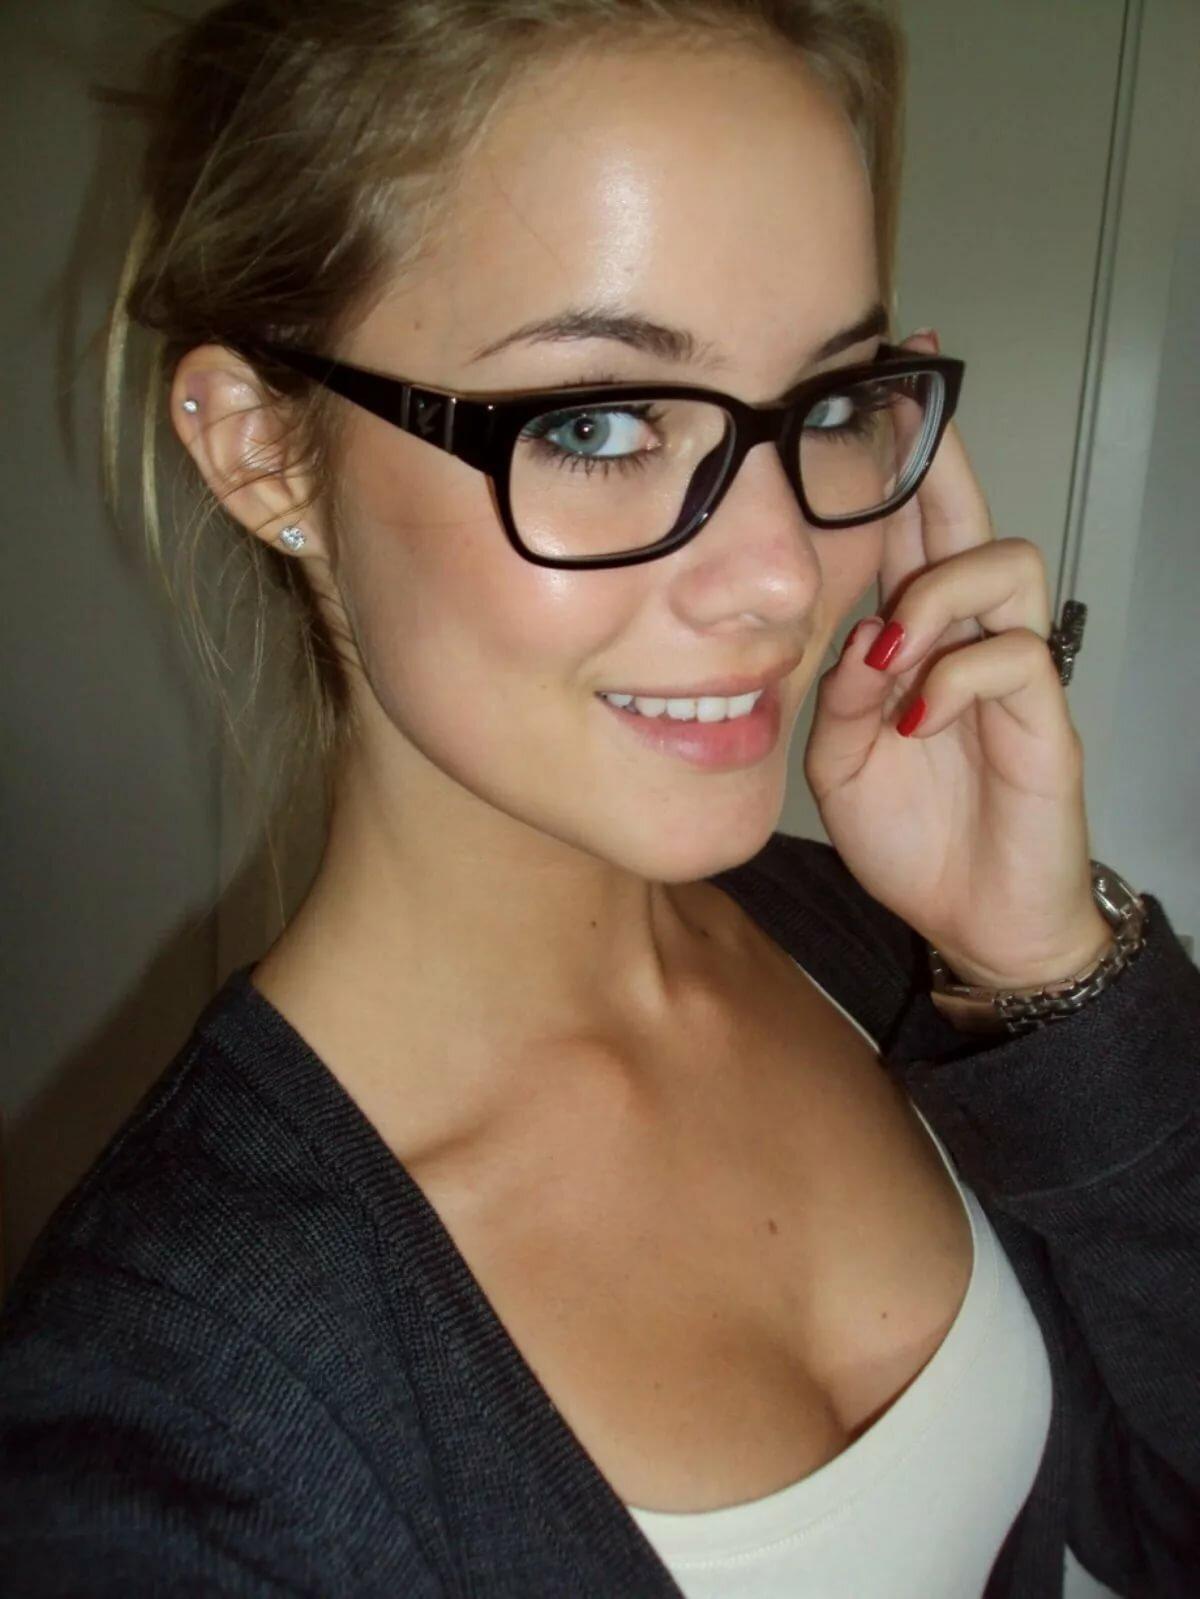 Голые Девочки В Очках